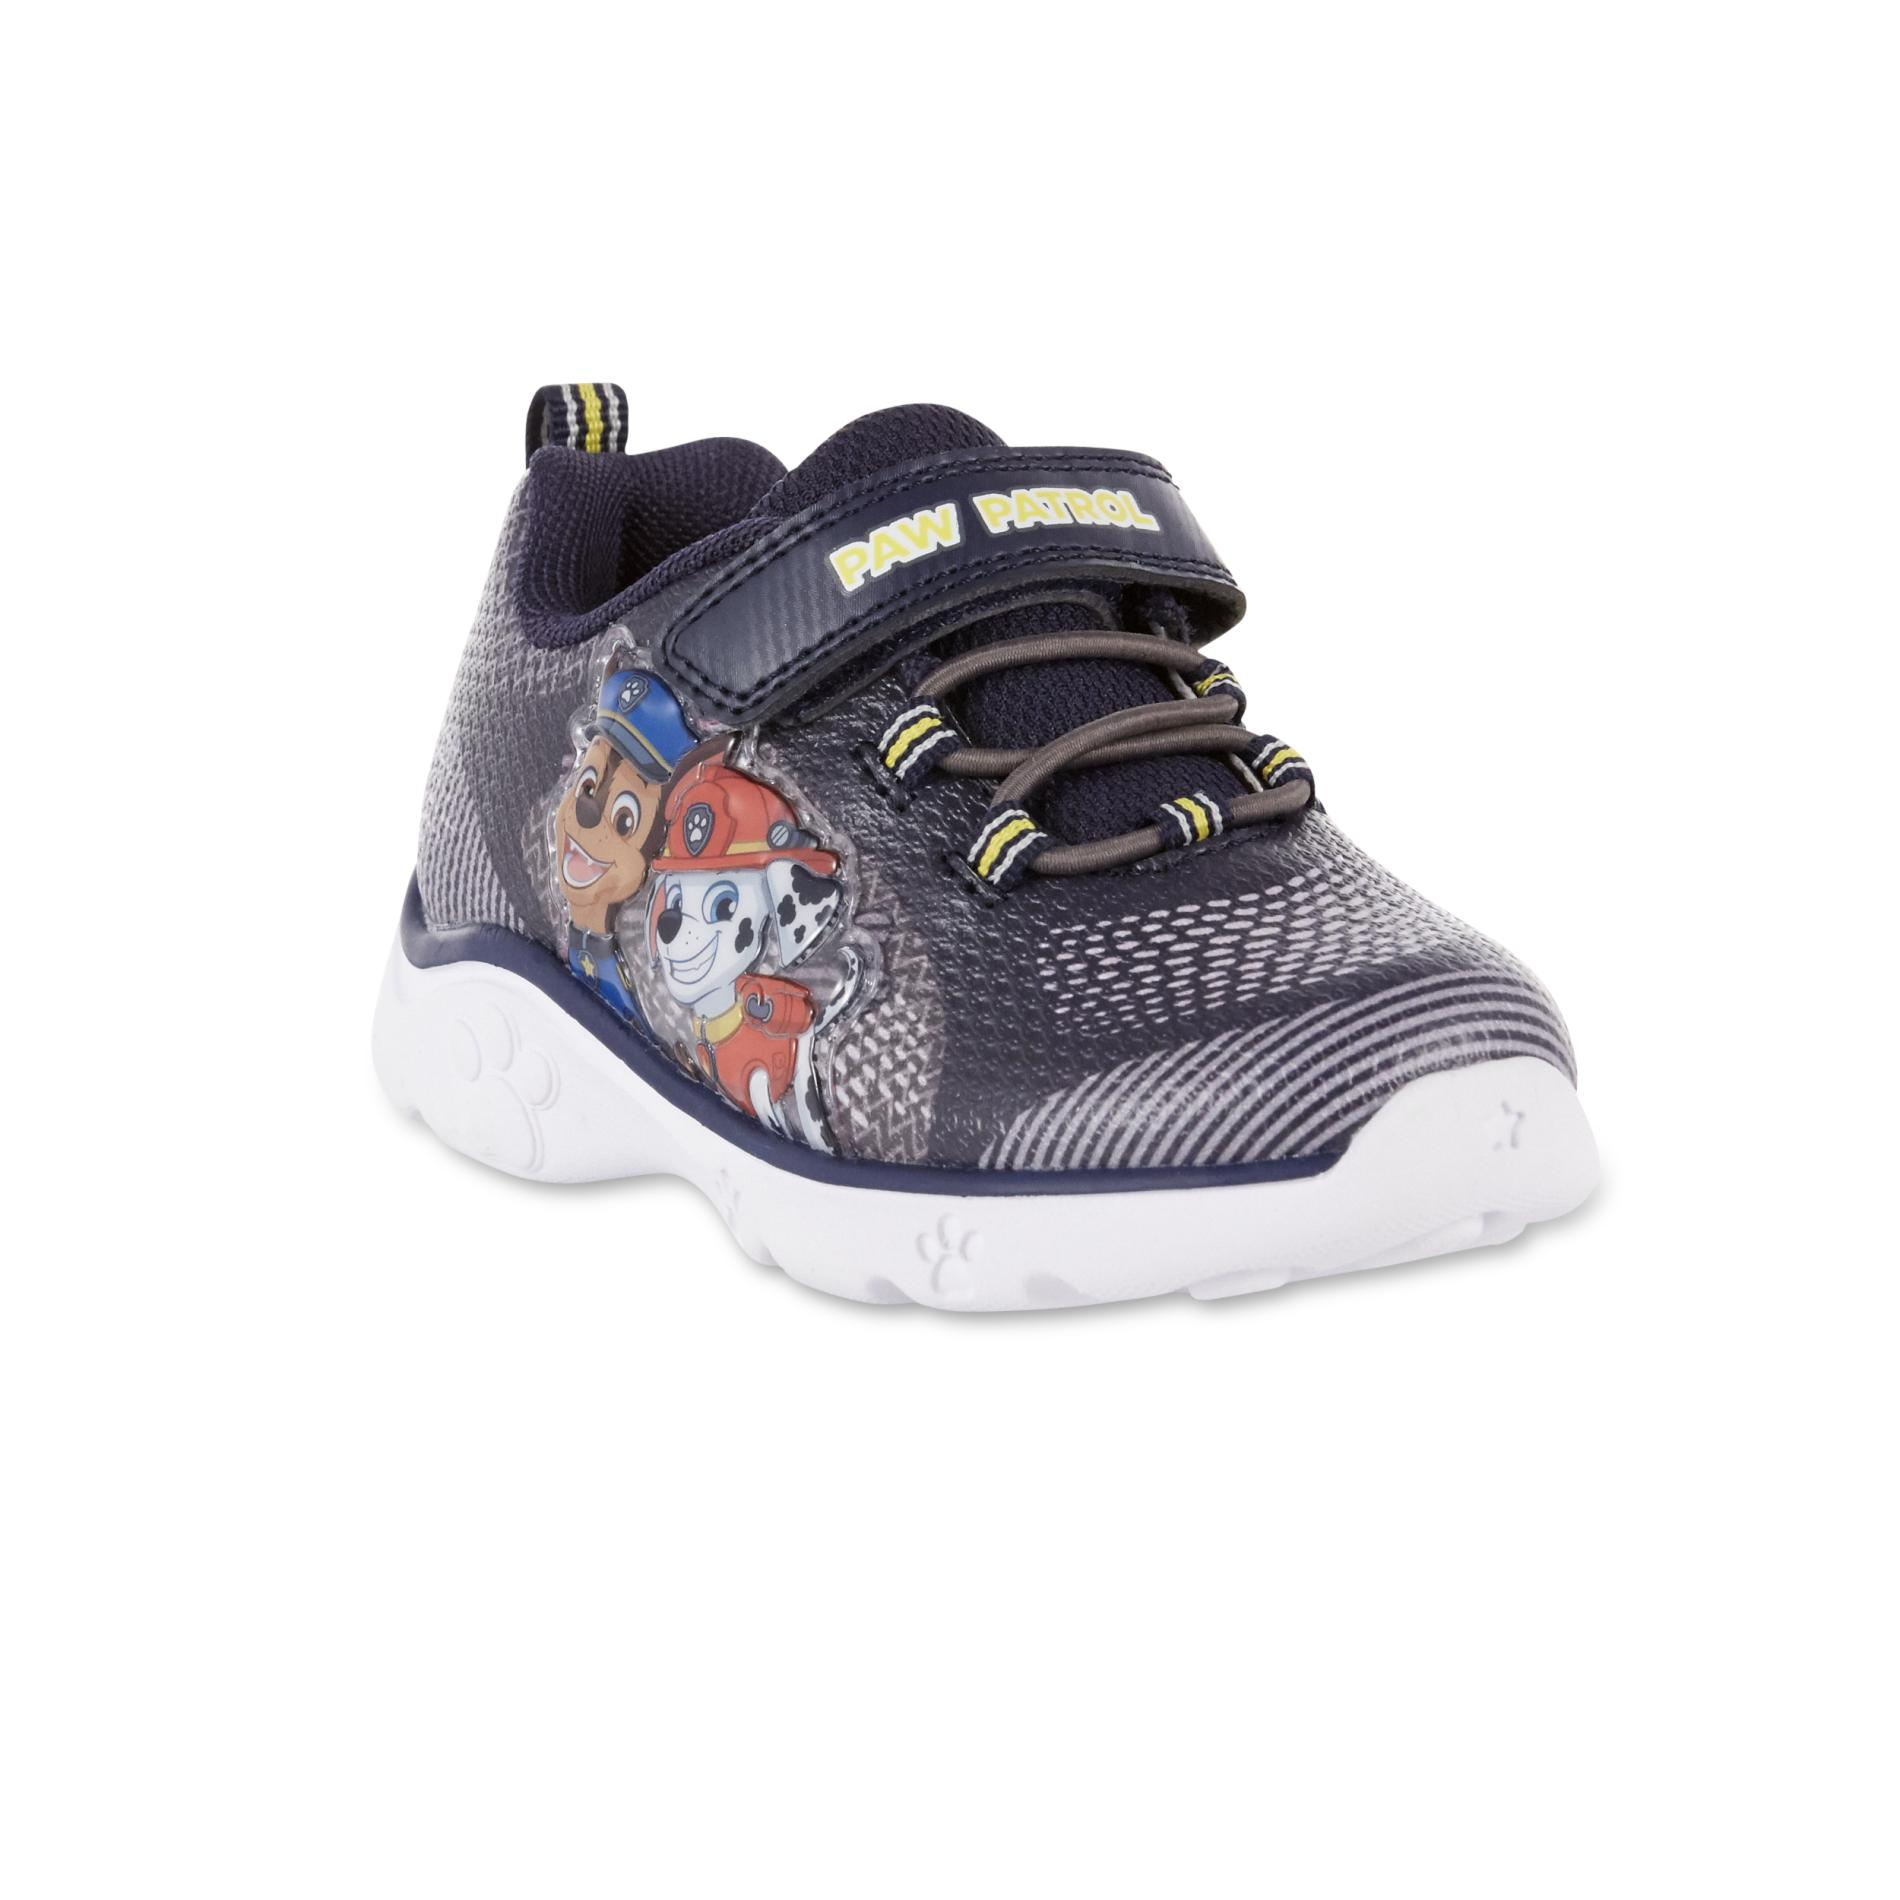 Nickelodeon Toddler Boys' PAW Patrol Light-Up Blue Athletic Shoe PartNumber: 036VA96844912P MfgPartNumber: PAWA16Q100B-3